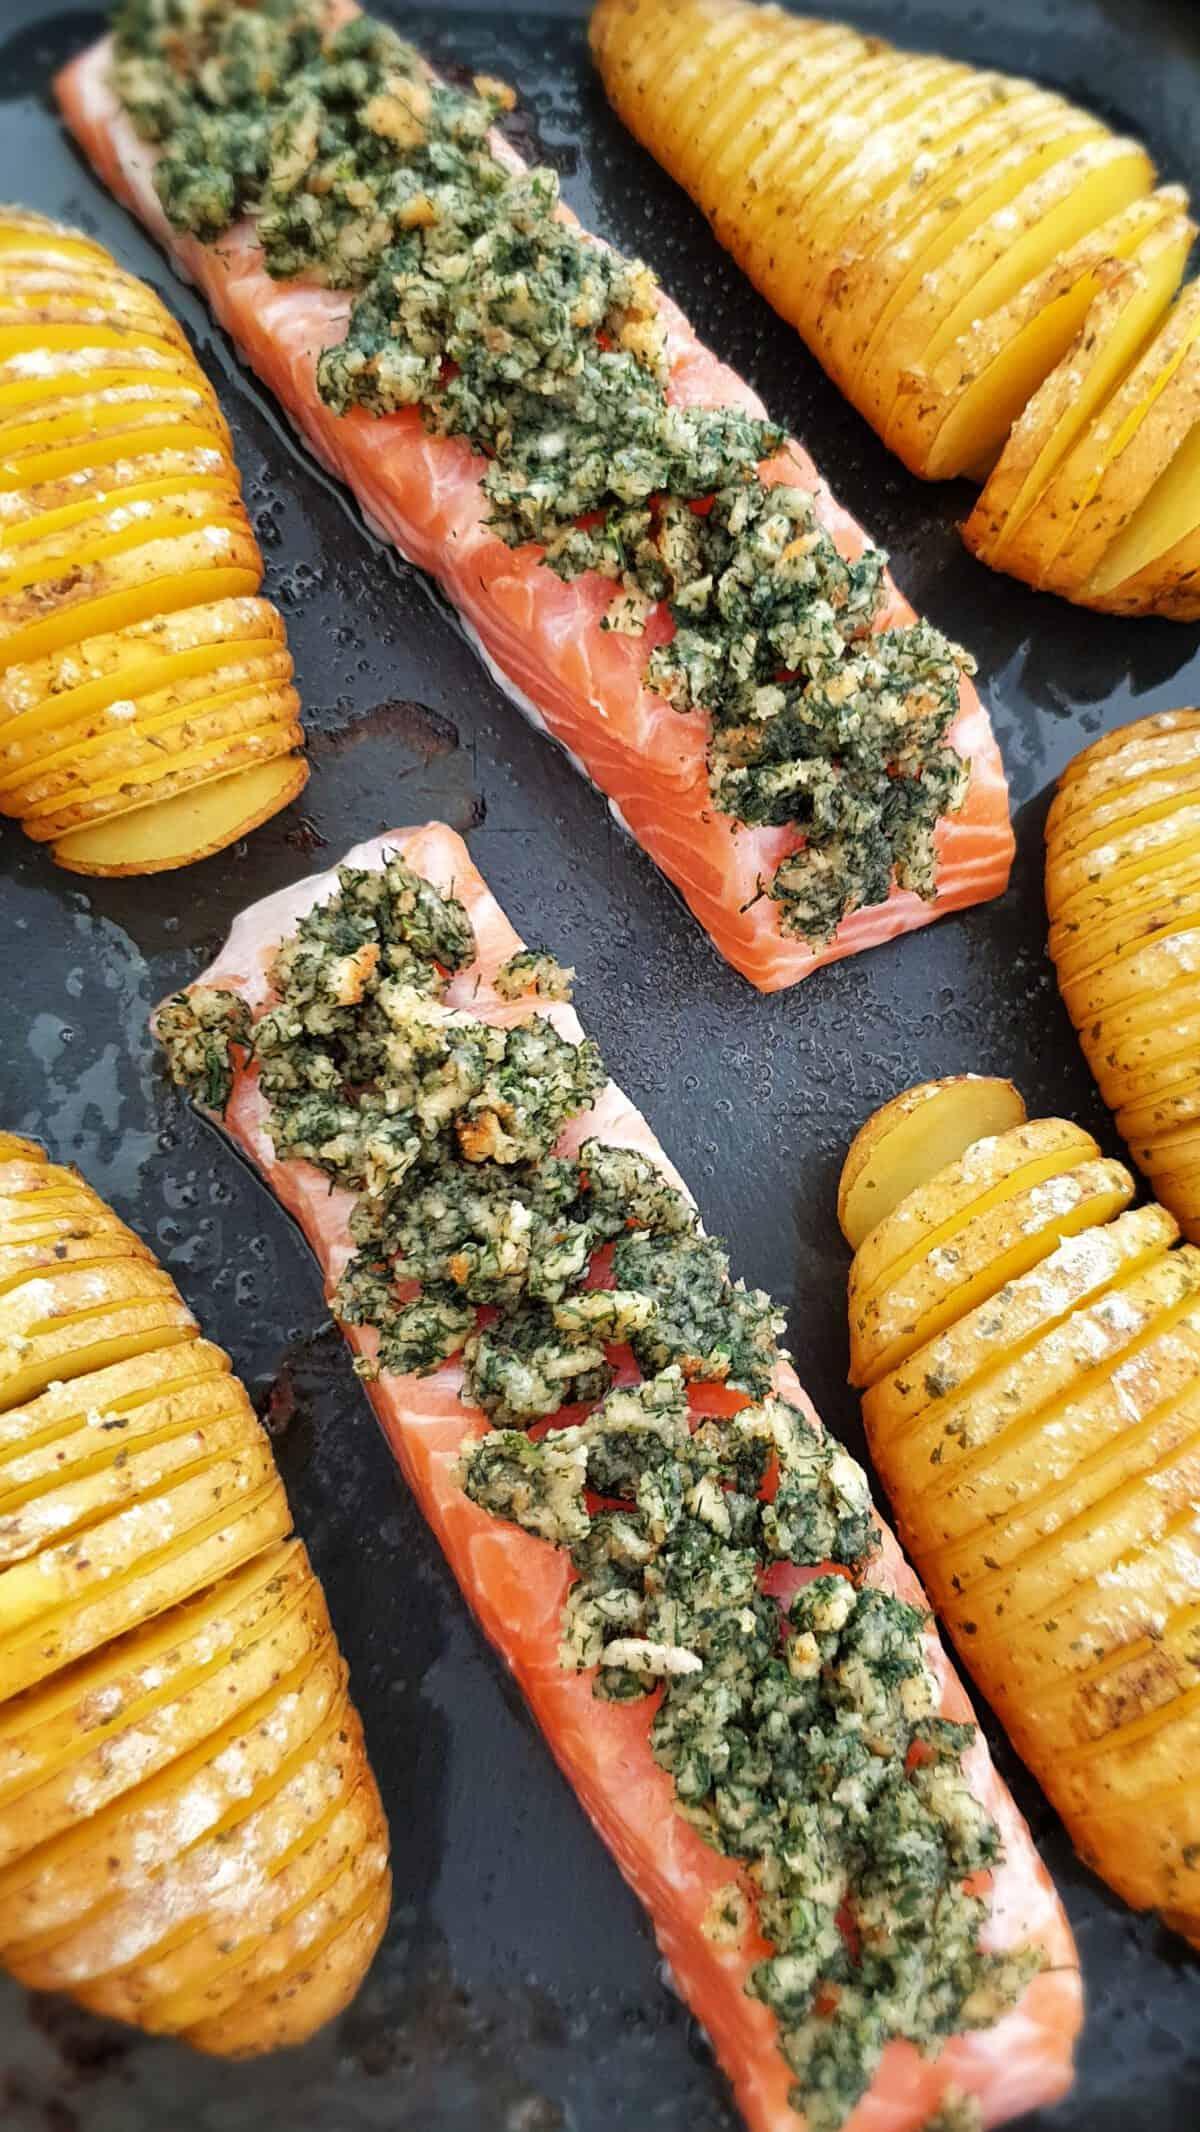 Lachsfilet mit Brotkruste und Fächerkartoffeln auf einem Backblech.